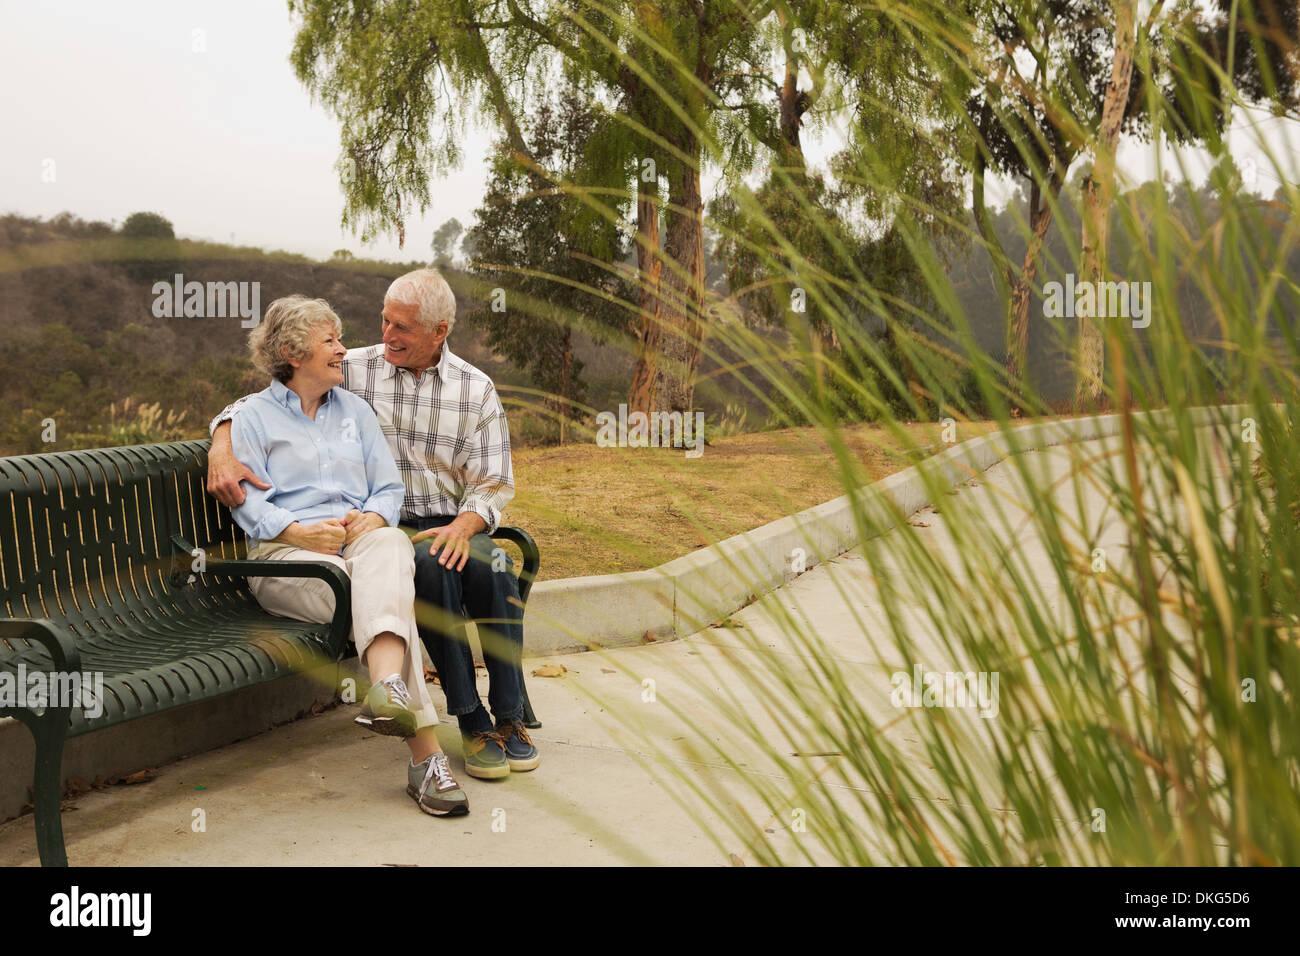 Mari et femme chat amoureusement sur banc de parc Photo Stock